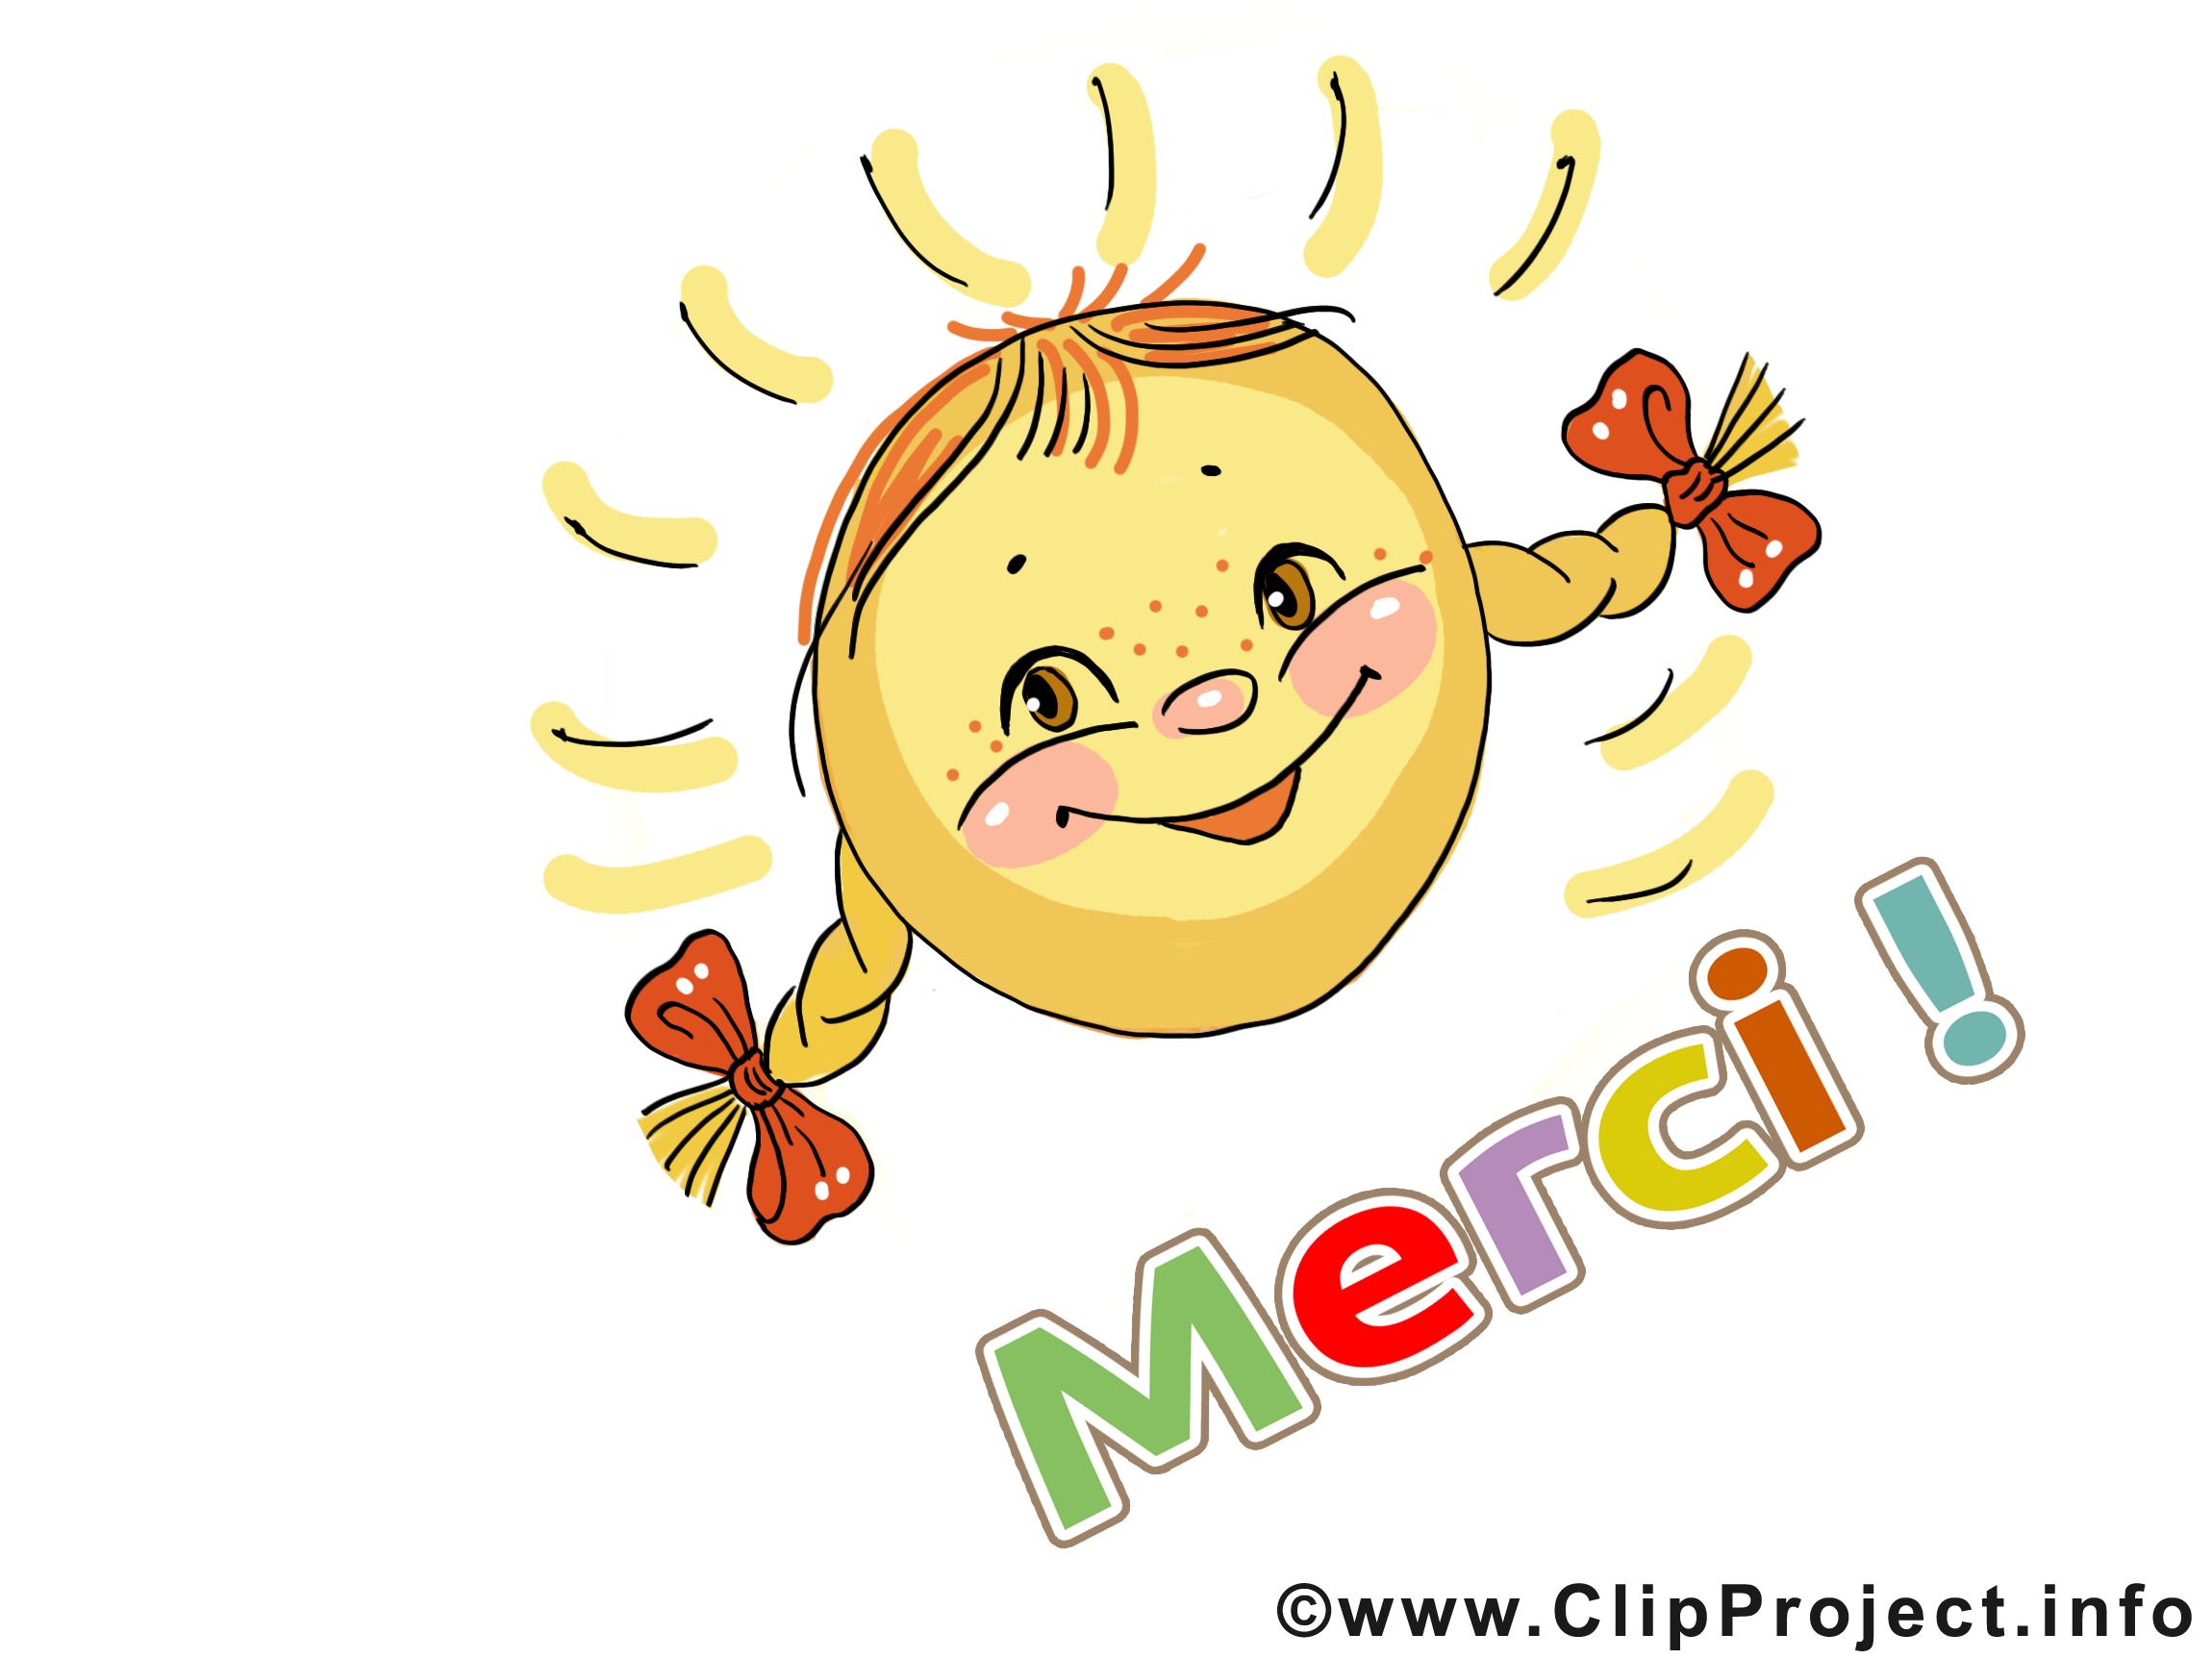 Soleil Dessins Gratuits Merci Clipart Merci Dessin Picture Image Graphic Clip Art Telecharger Gratuit